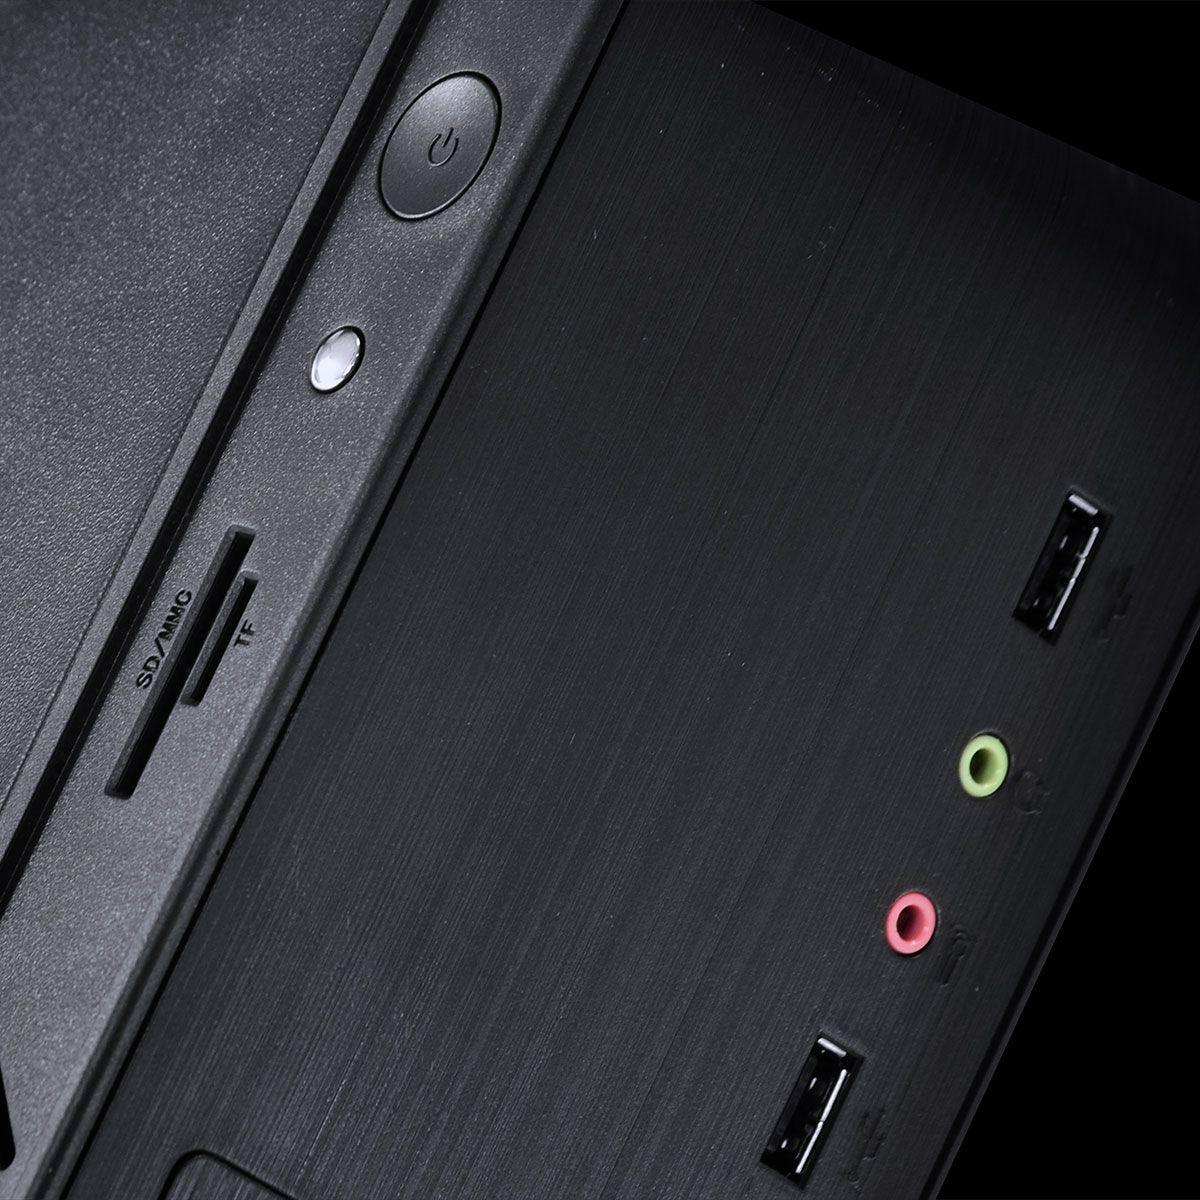 COMPUTADOR LITHIUM AMD RYZEN 5 2400G 3.6GHZ MEM.8GB (2X 4GB) HD 320GB GAB.SLIM 275W PLACA MAE GIGABYTE - LINUX